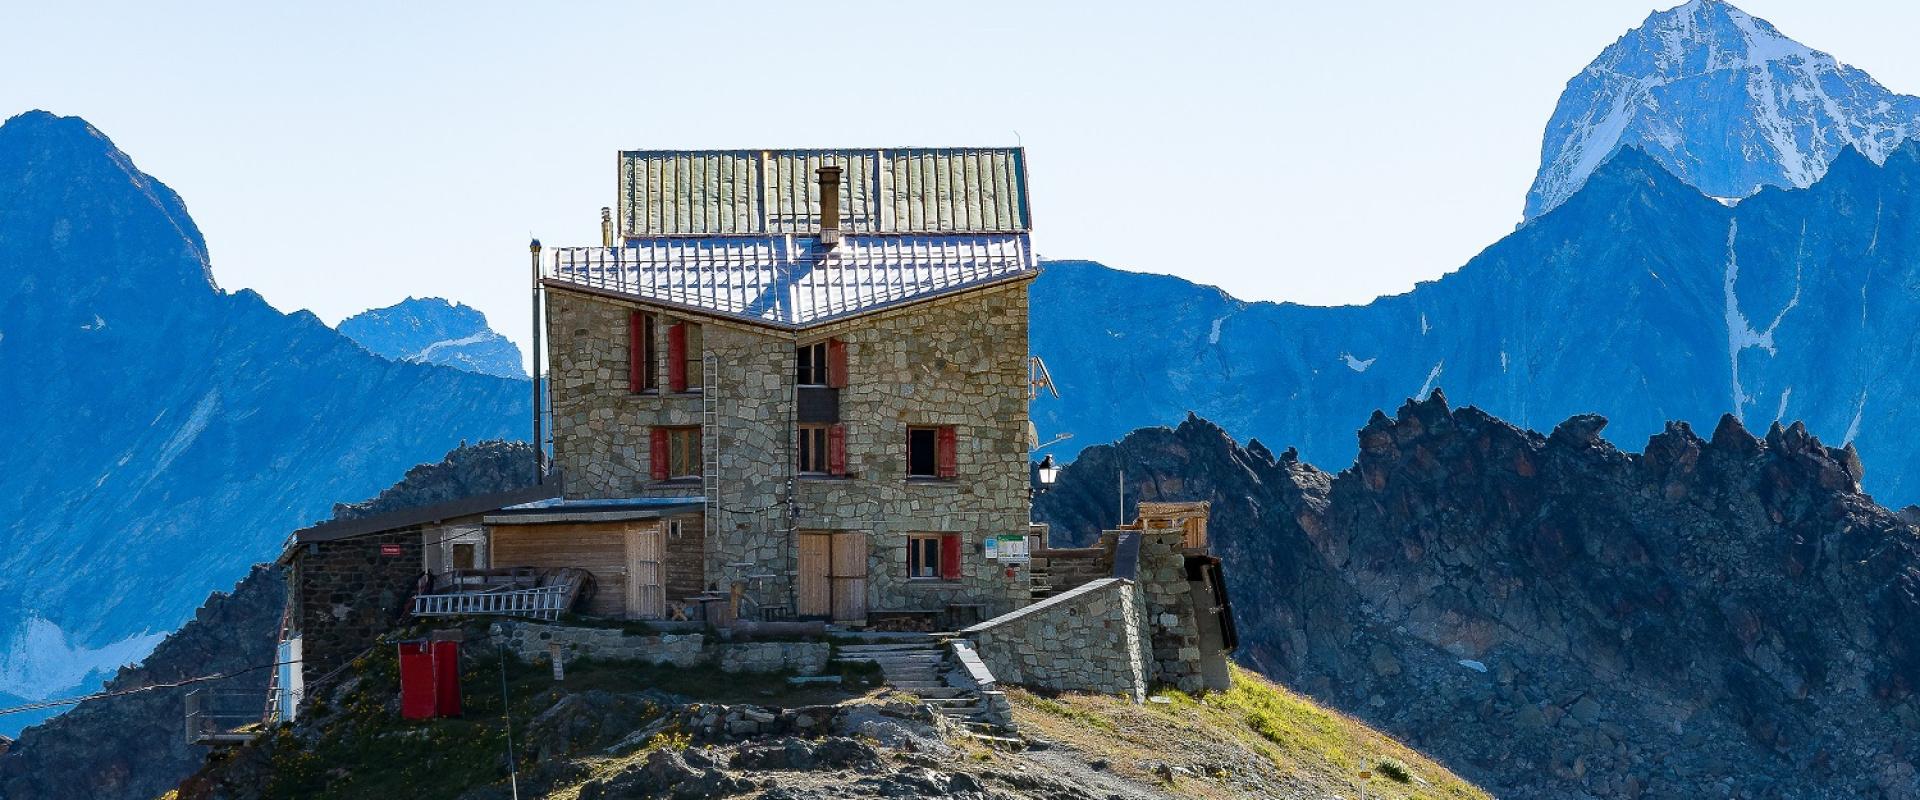 Les cabanes et refuges d'altitude